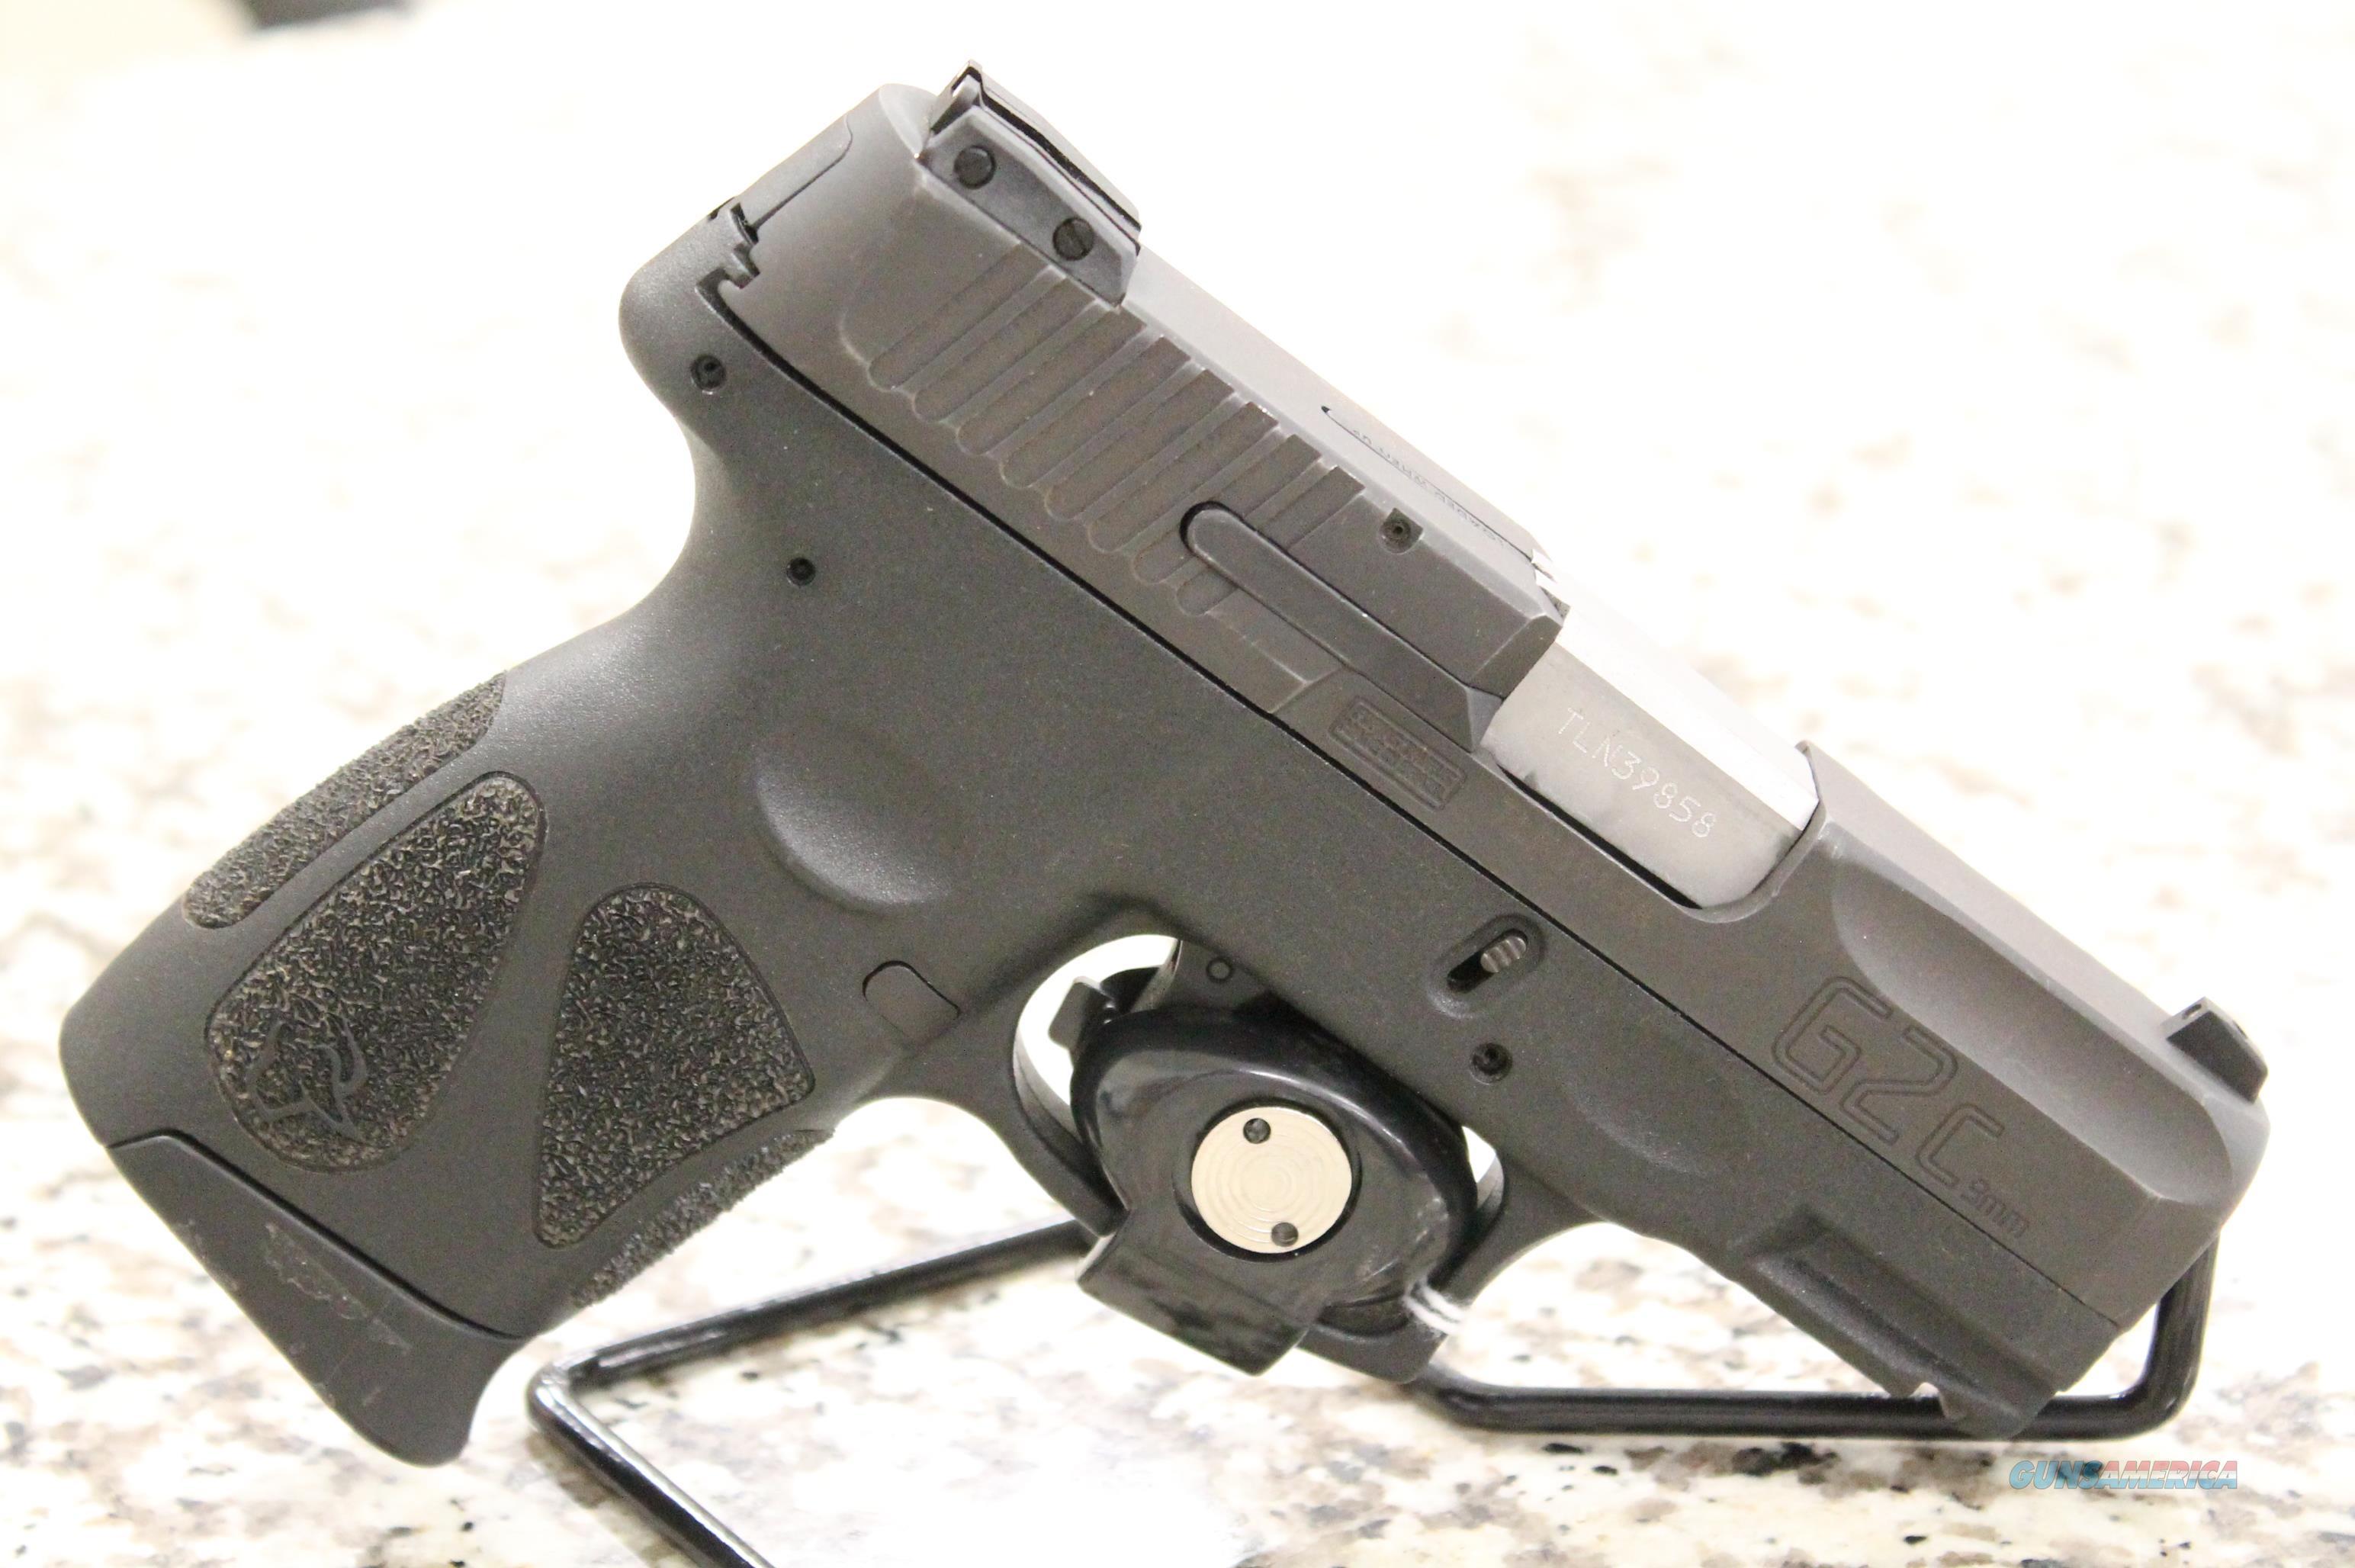 Taurus G2C 9mm Pistol + 2 Mags  Guns > Pistols > Taurus Pistols > Semi Auto Pistols > Polymer Frame